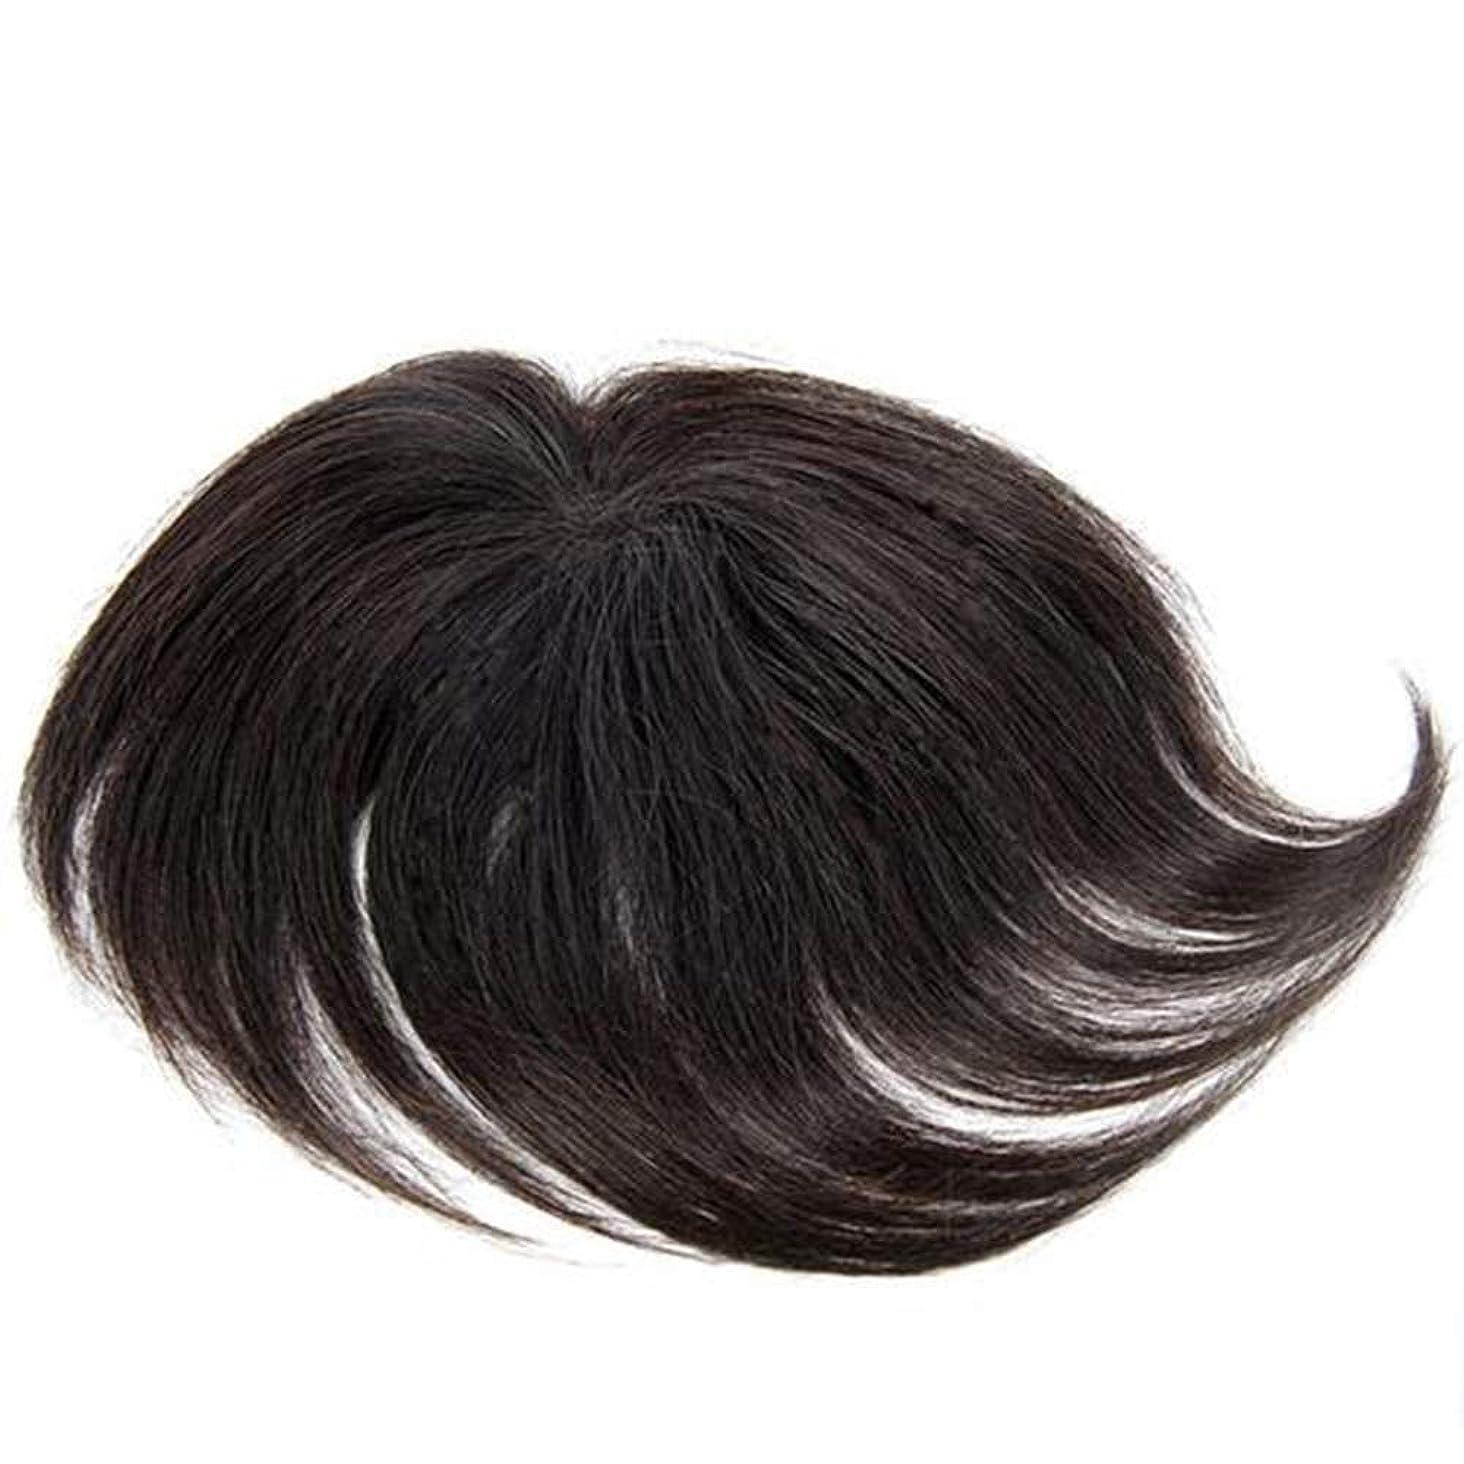 集める好戦的な同情Yrattary 女性のかつらをカバーするための実際の髪の拡張子で自然に見える手織りクリップ白髪短髪かつら (色 : Natural black, サイズ : 20cm)